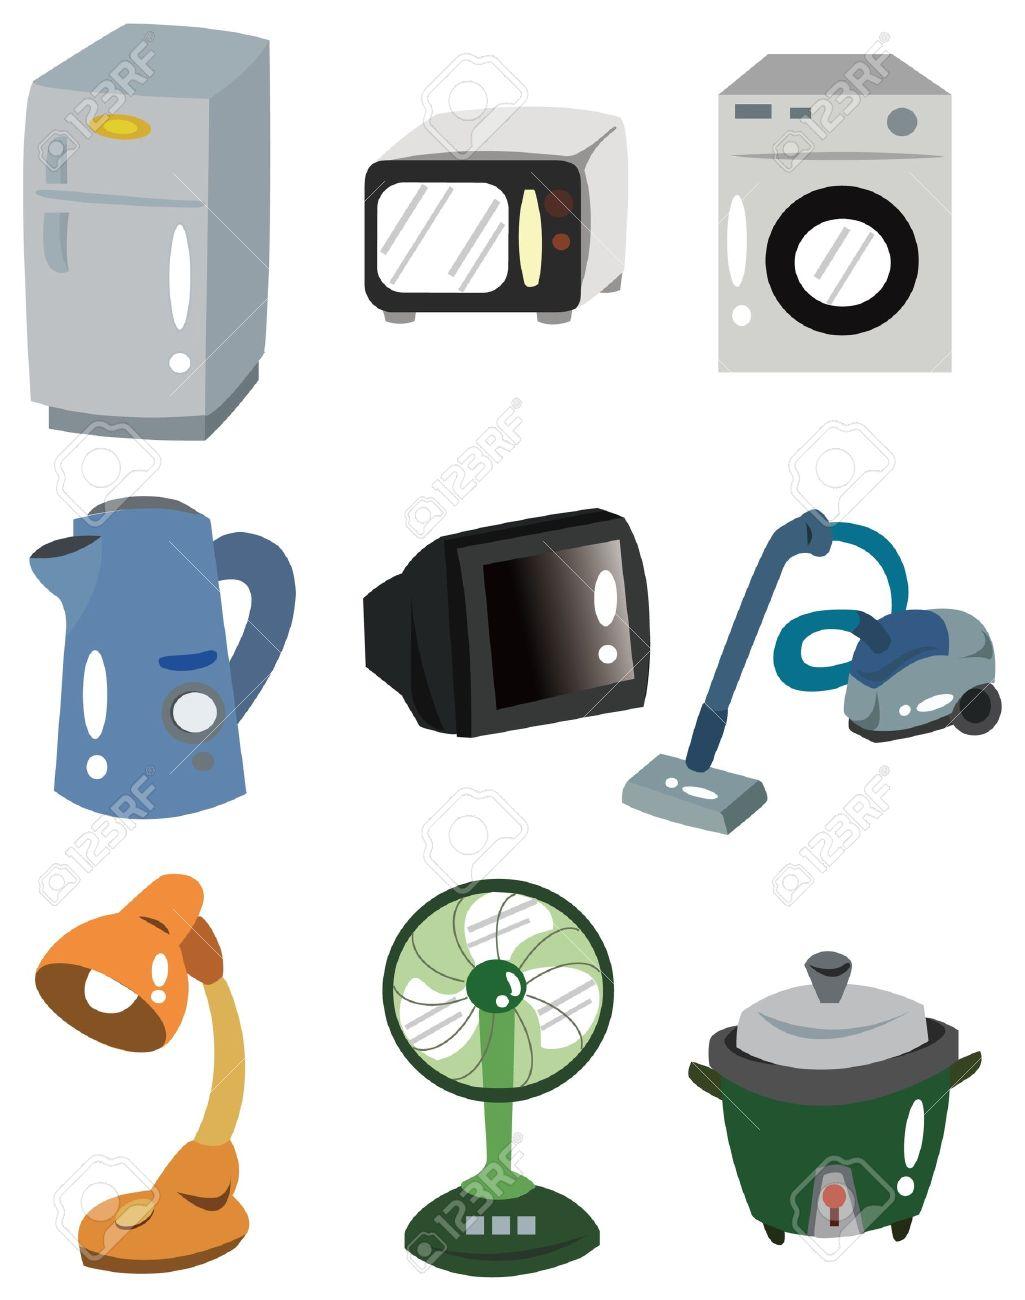 cartoon Home Appliances icon Stock Vector - 9109645